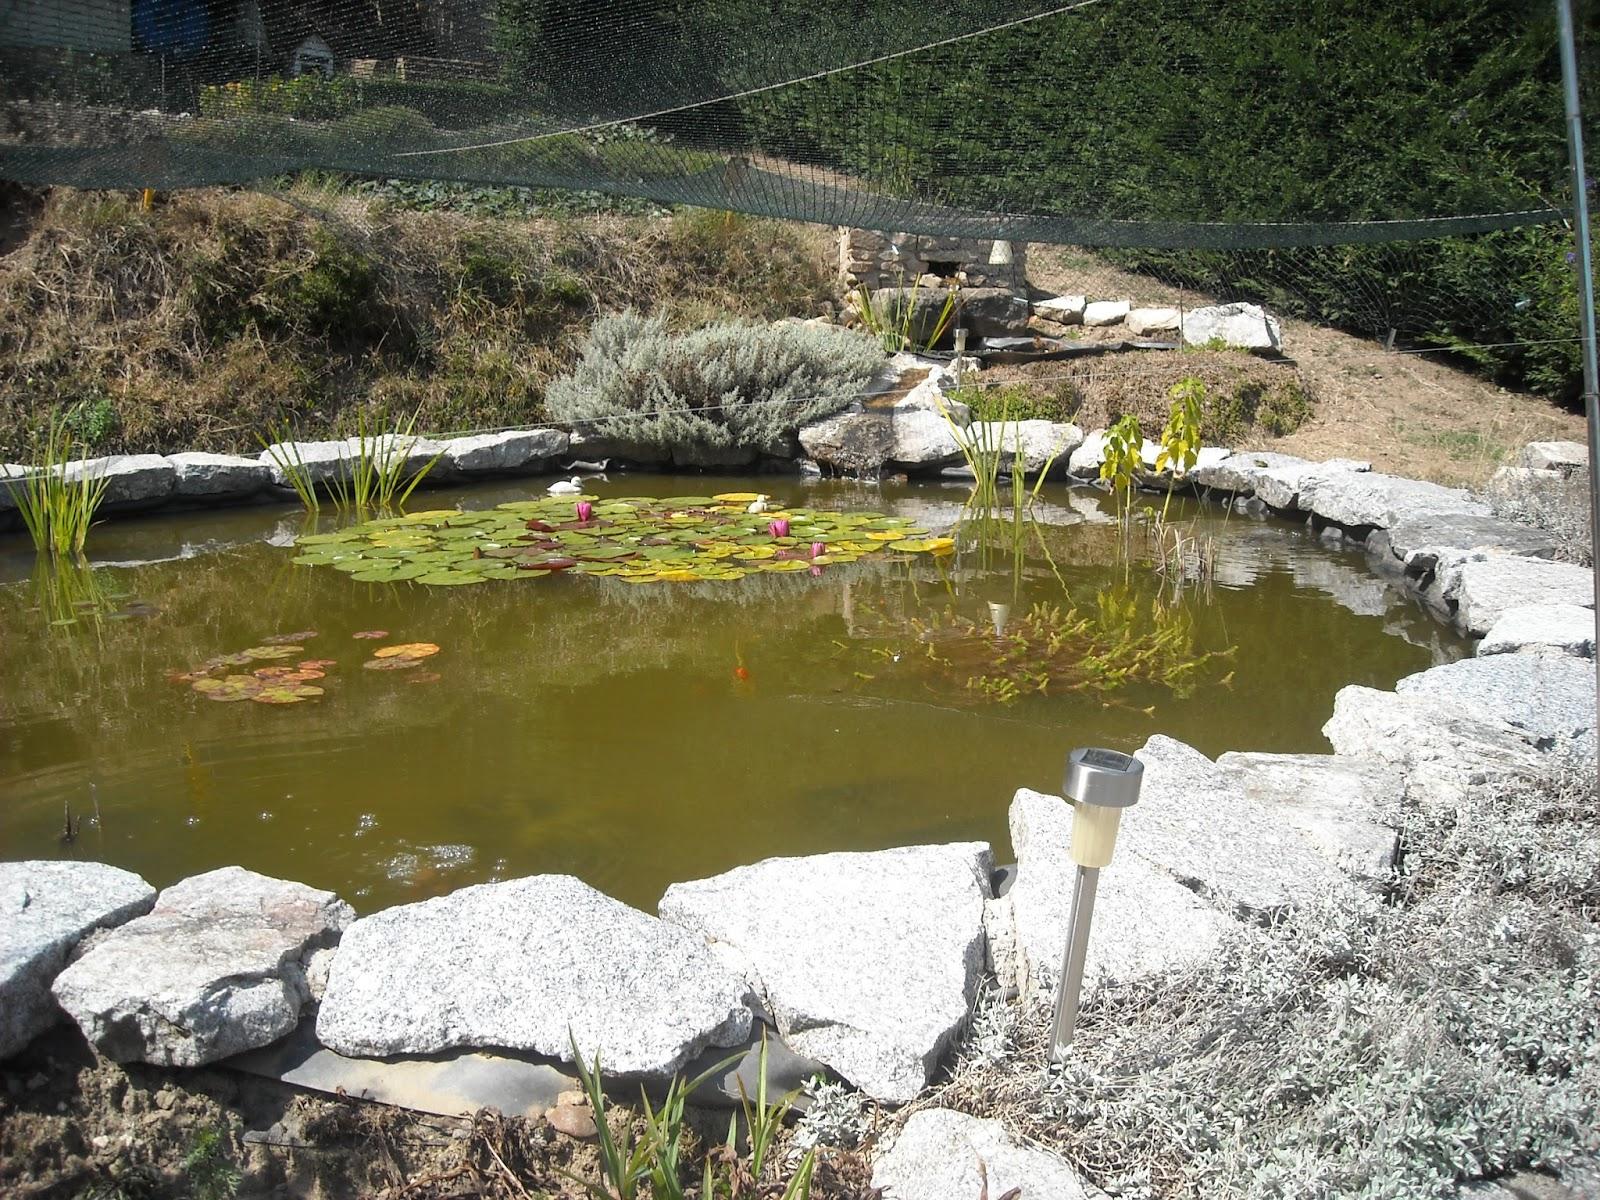 Bassin De Jardin Créer Un Courant D'eau À Moindre Frais concernant Créer Un Bassin De Jardin